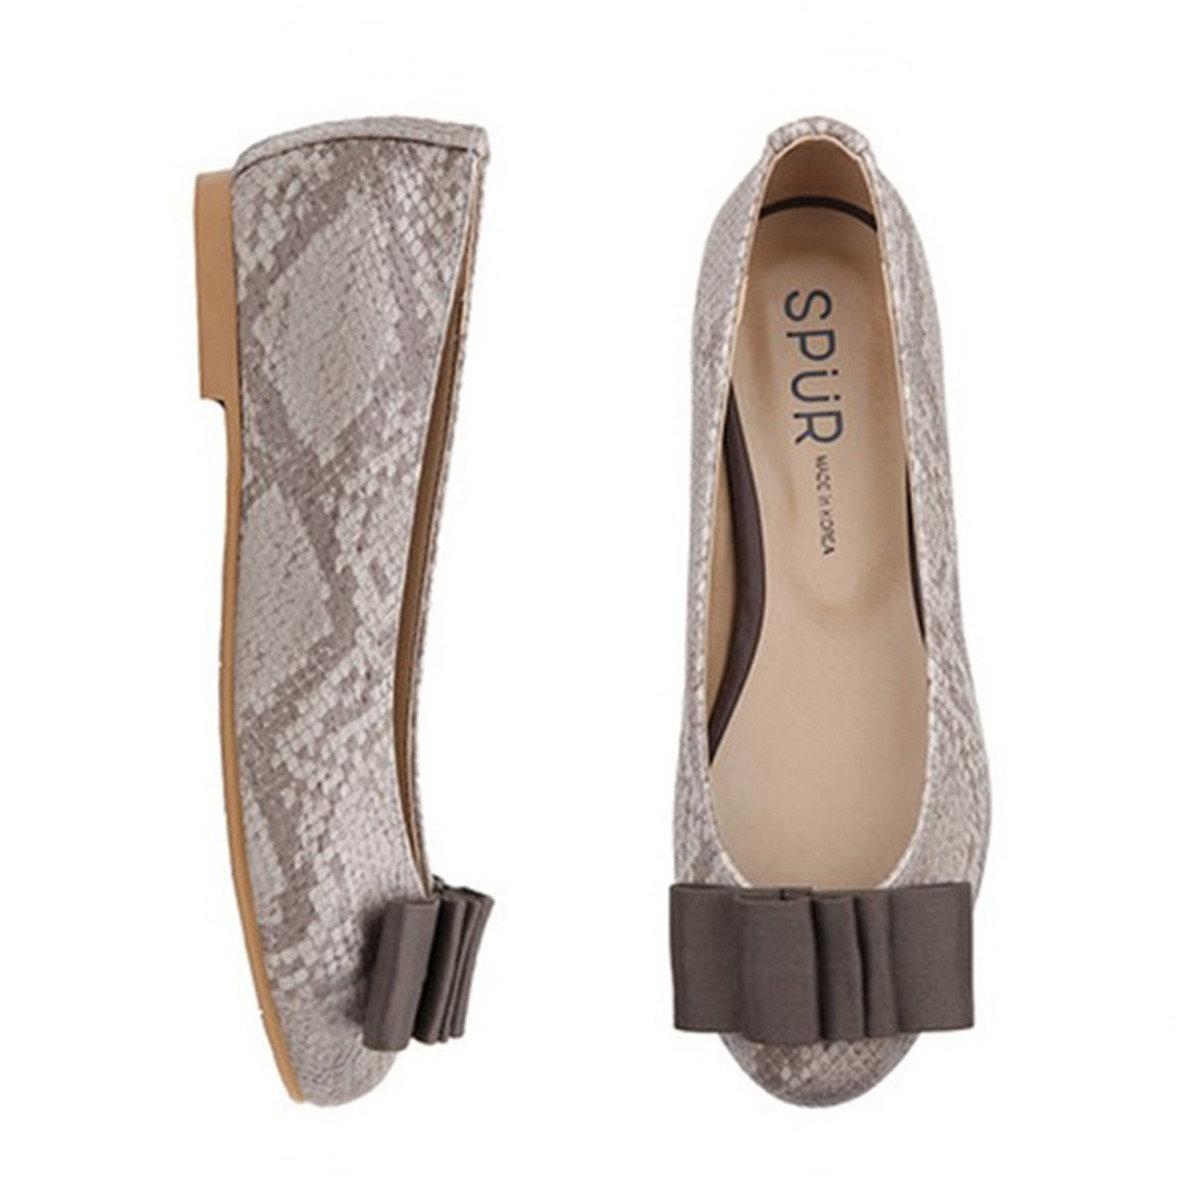 蛇皮紋蝴蝶結平底鞋